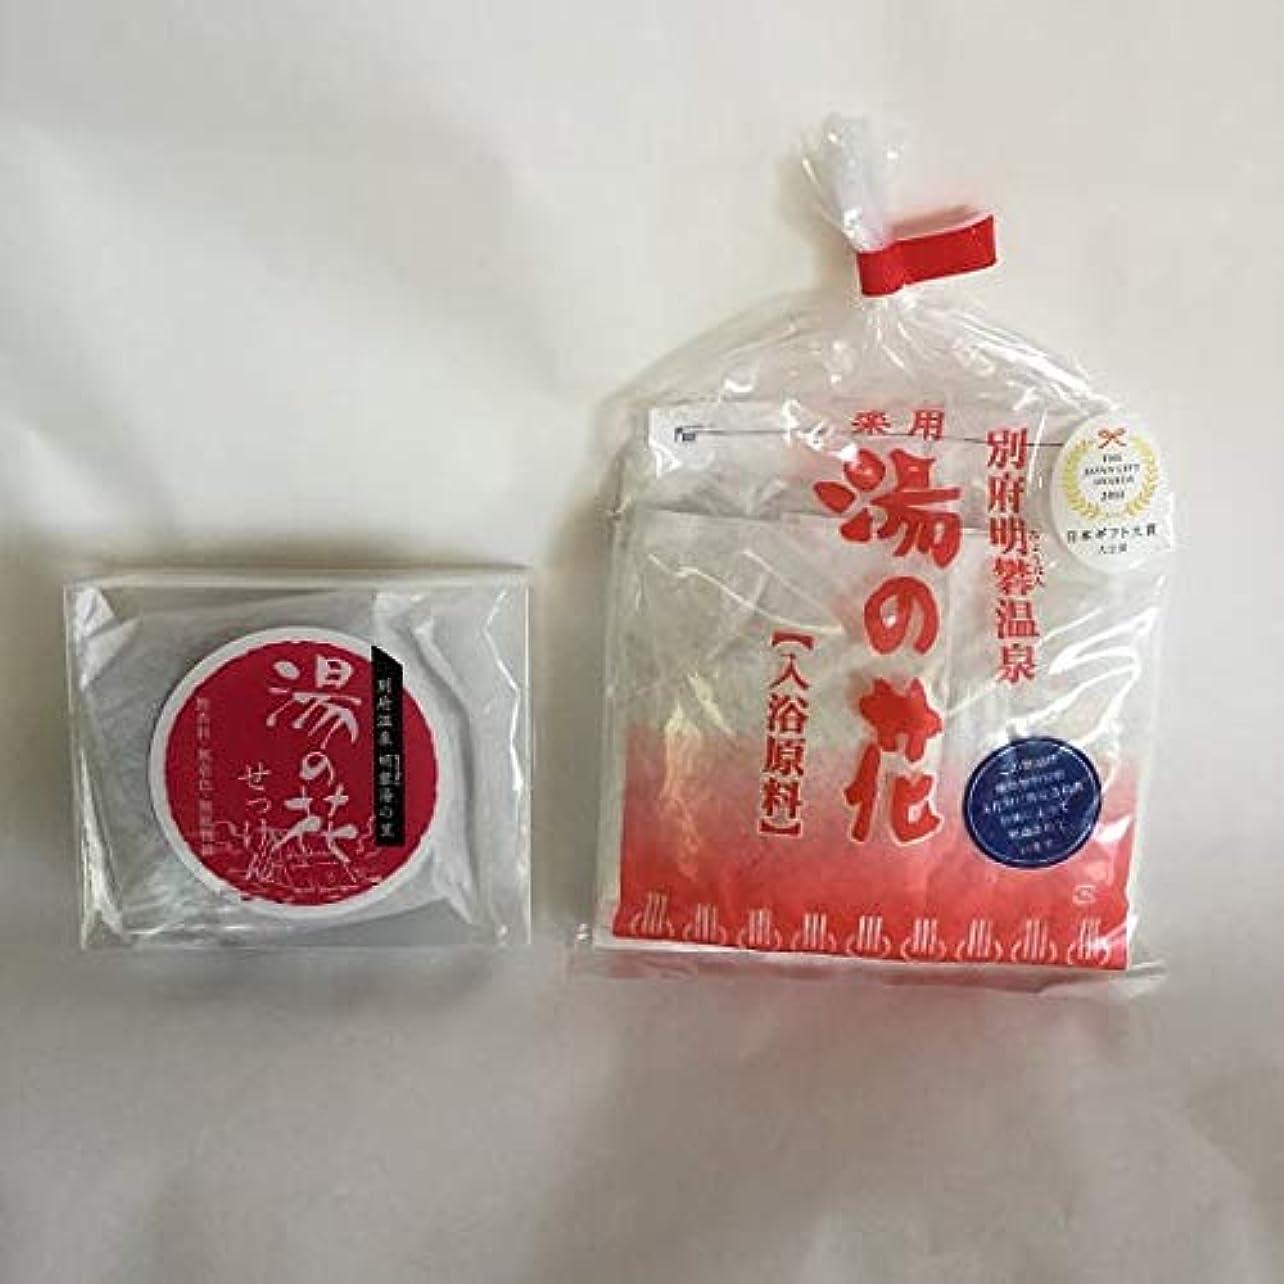 失態マイナス陽気なみょうばん湯の里 薬用 湯の花8回分+湯の花せっけん 入浴剤 10g×8パック+100g